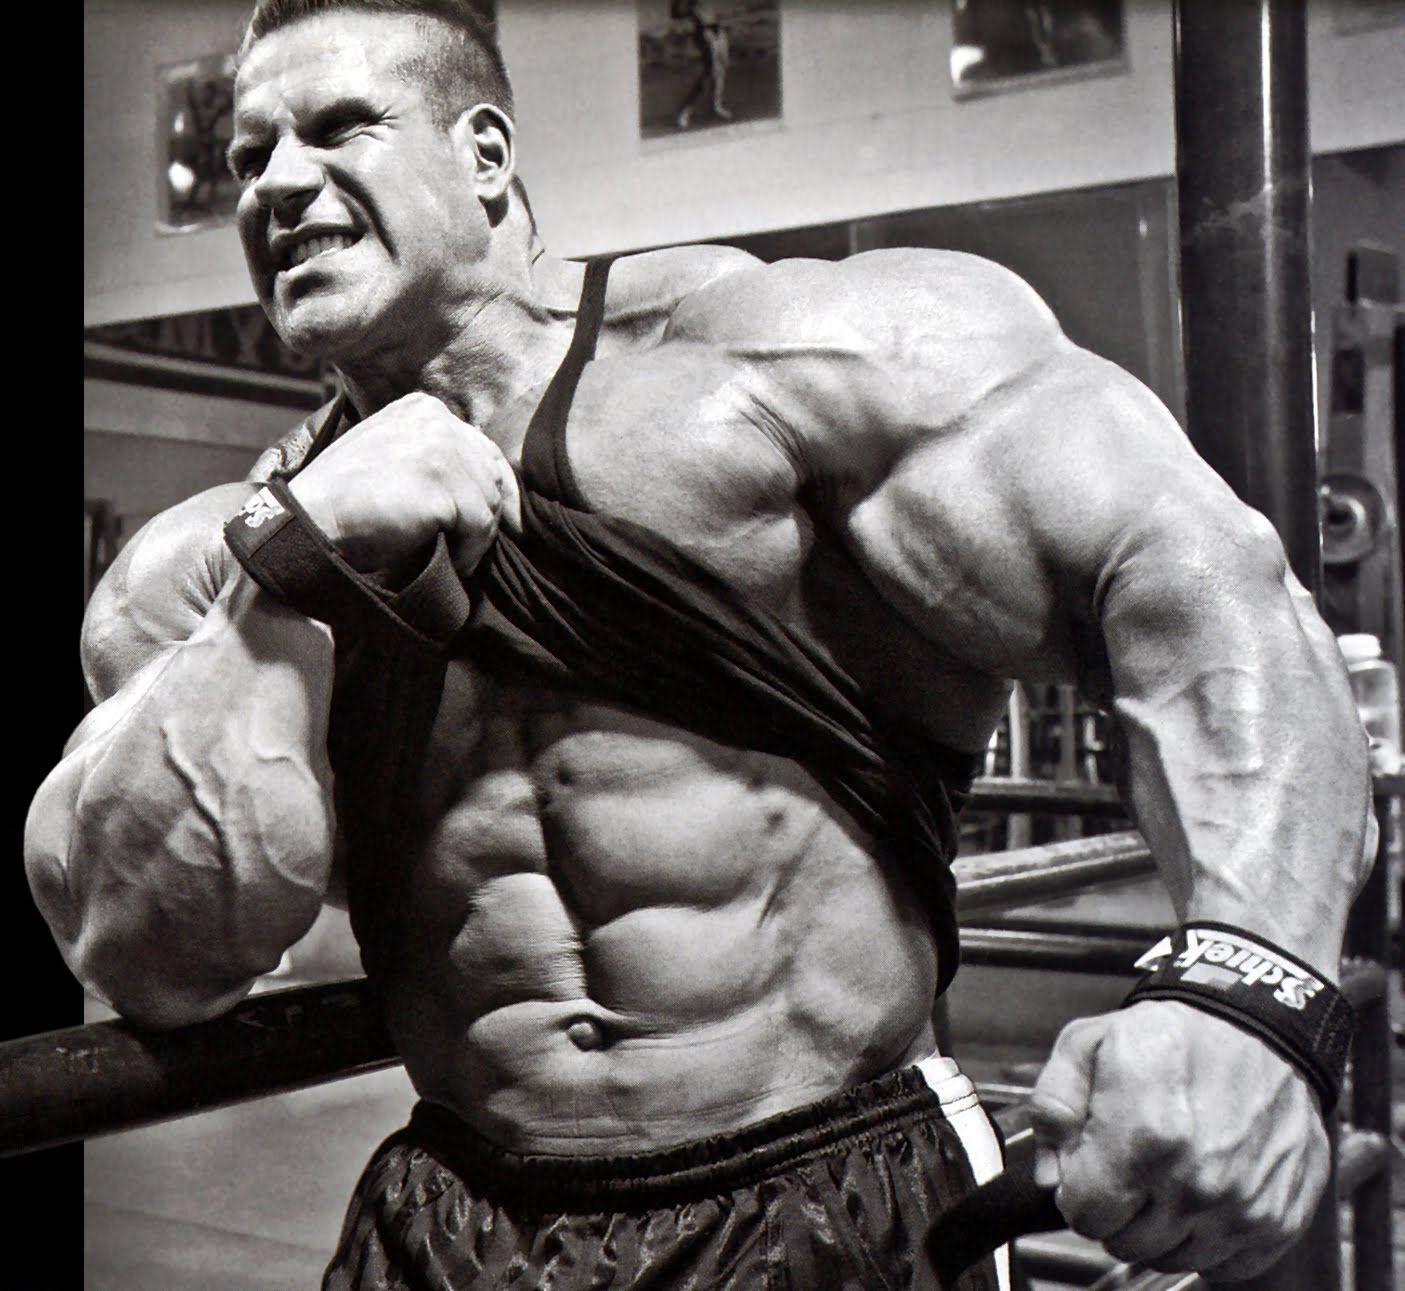 Bodybuilding 2015 Wallpapers - Wallpaper Cave